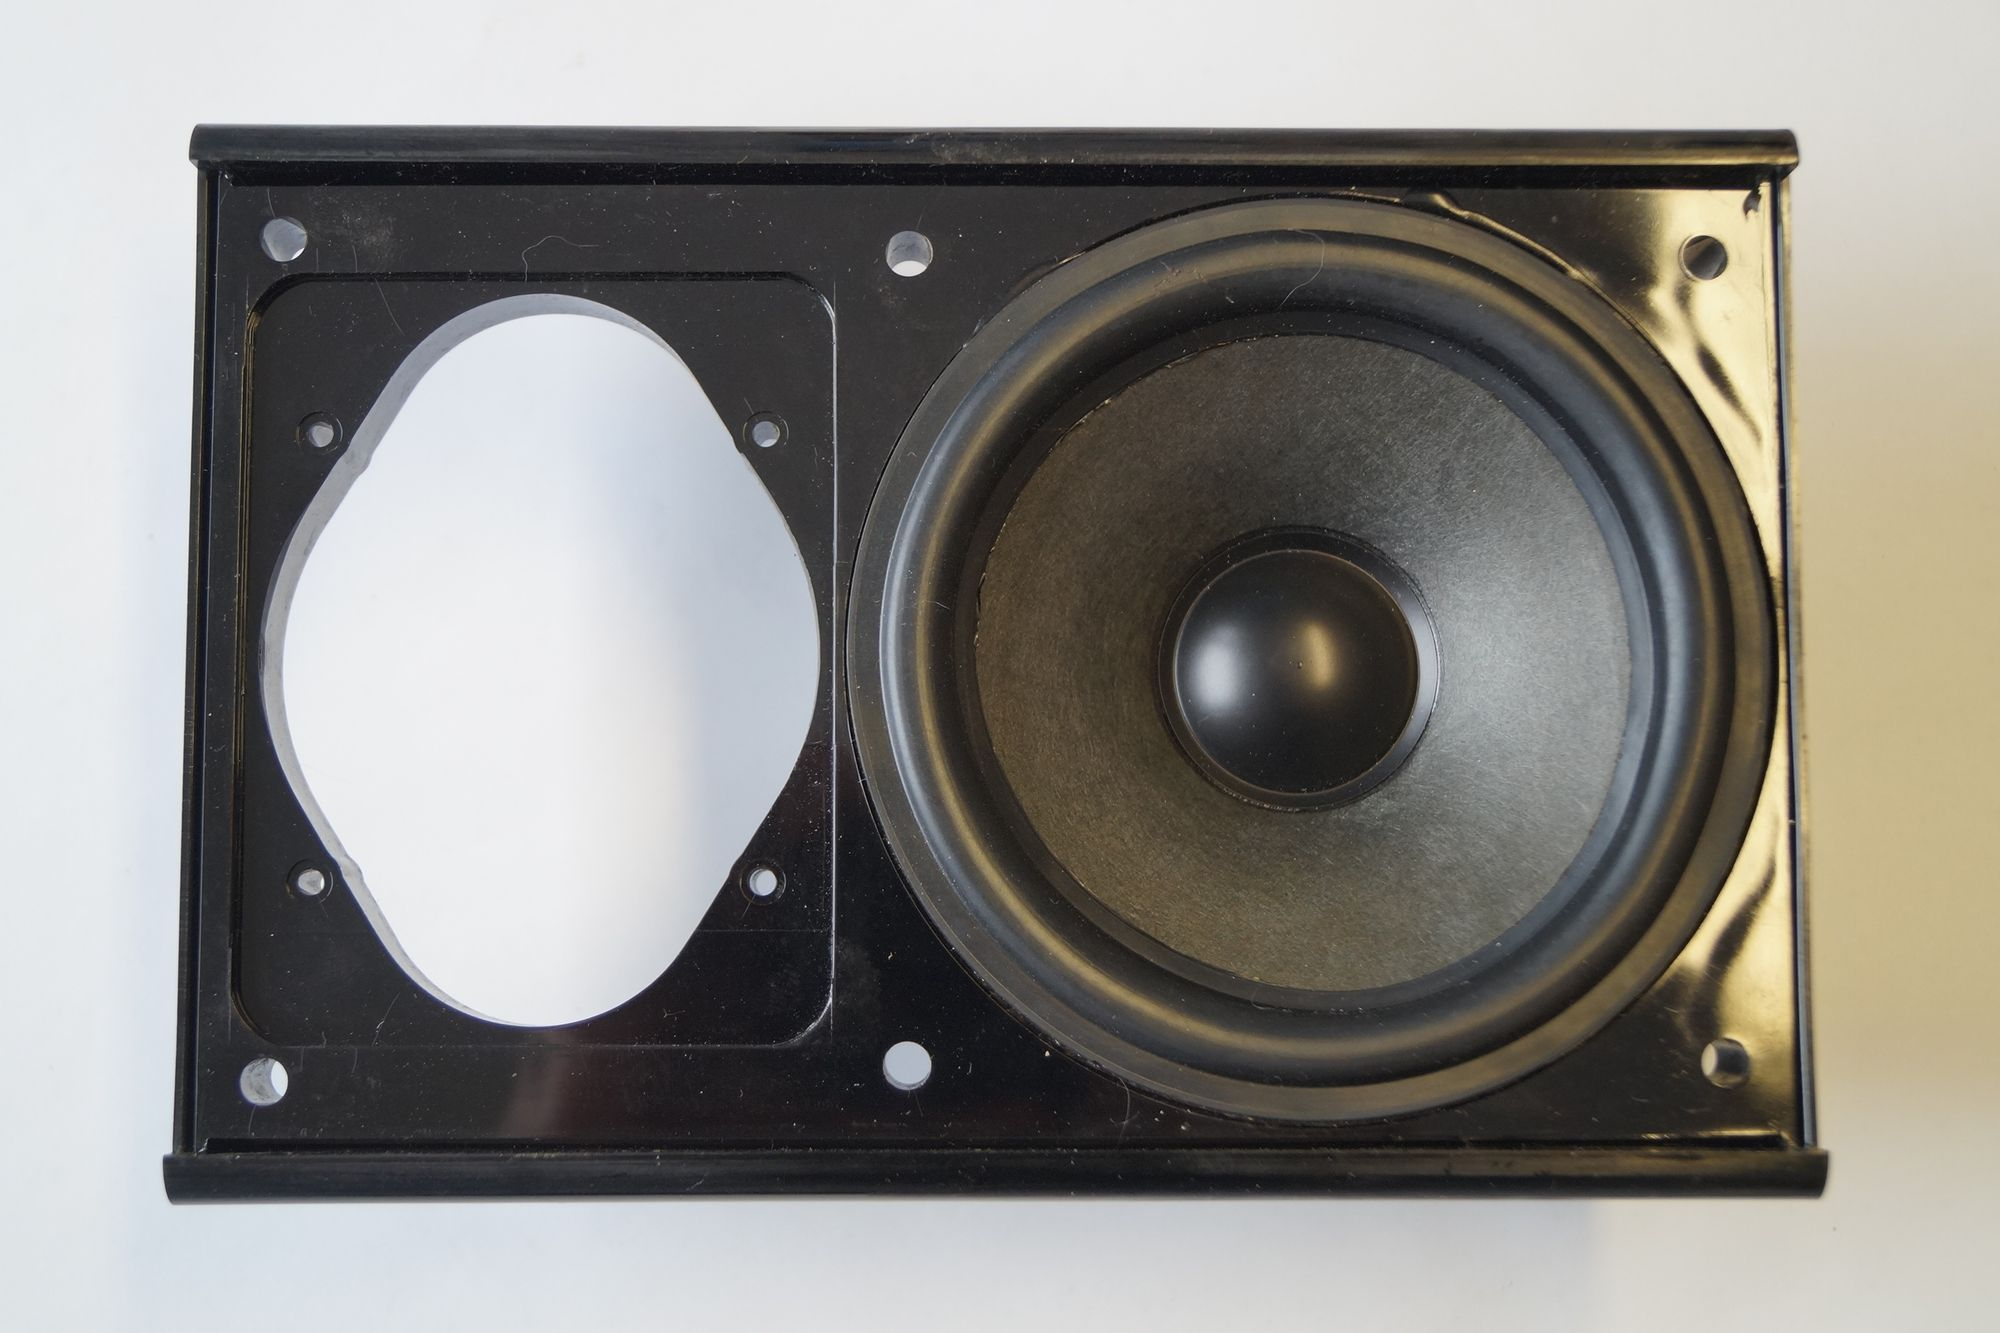 1 Stück 100 mm Mitteltöner, in Gehäusefront 90 Watt max., SERVICEWARE – Bild 1